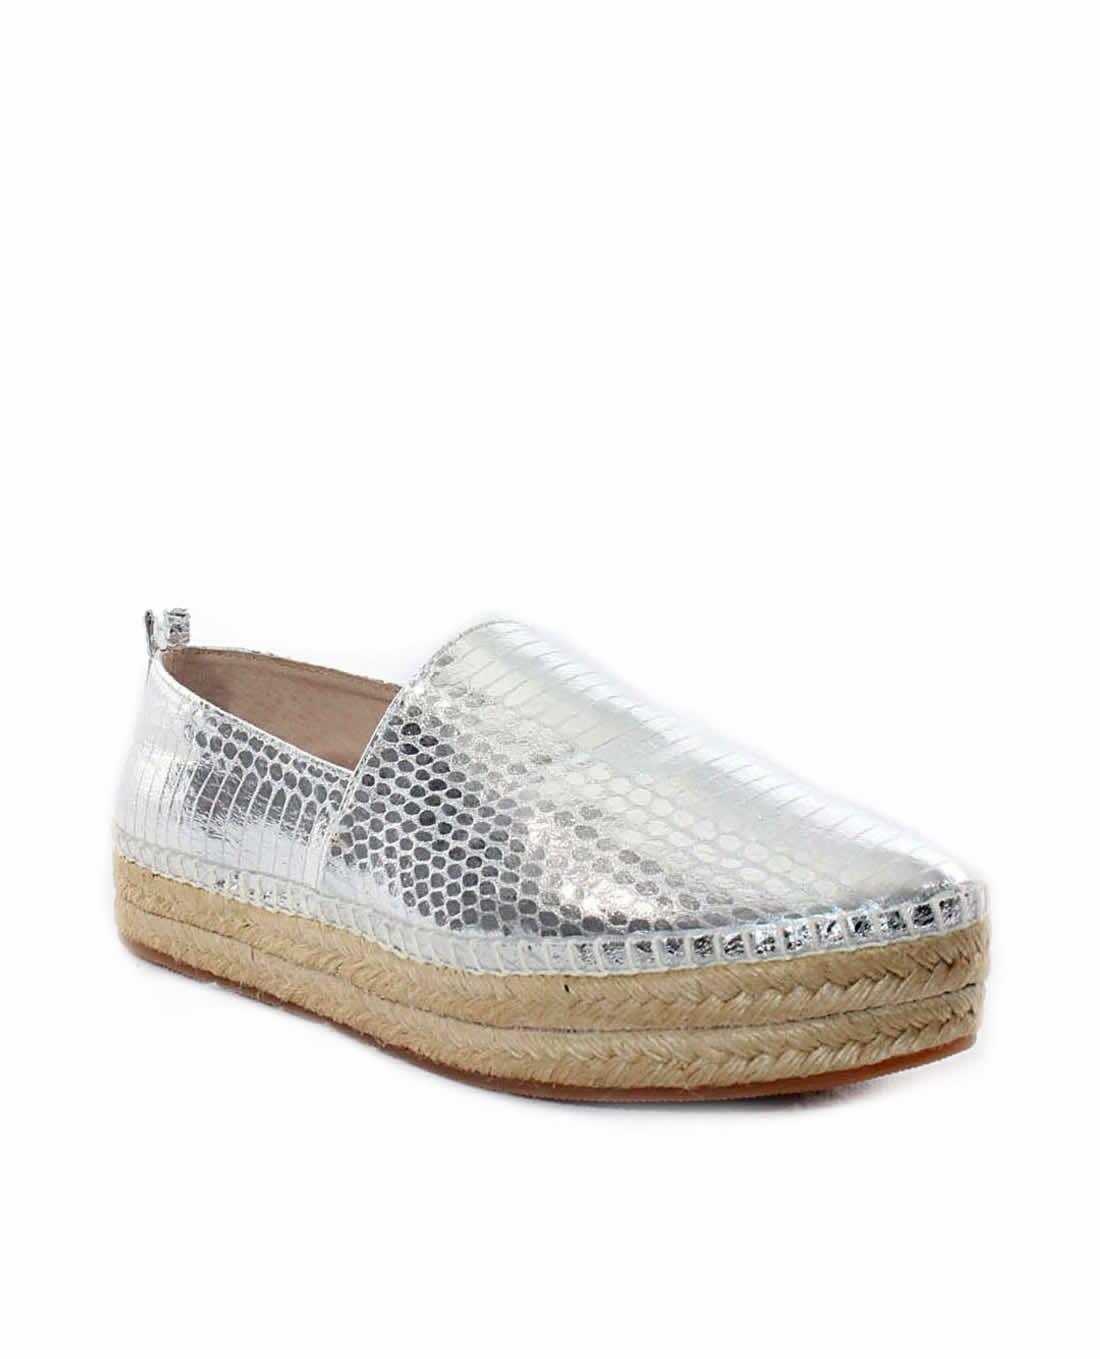 Zapatillas plataforma STEVE MADDEN plata PACIFIC · Comprar ZapatillasZapatos  De ...